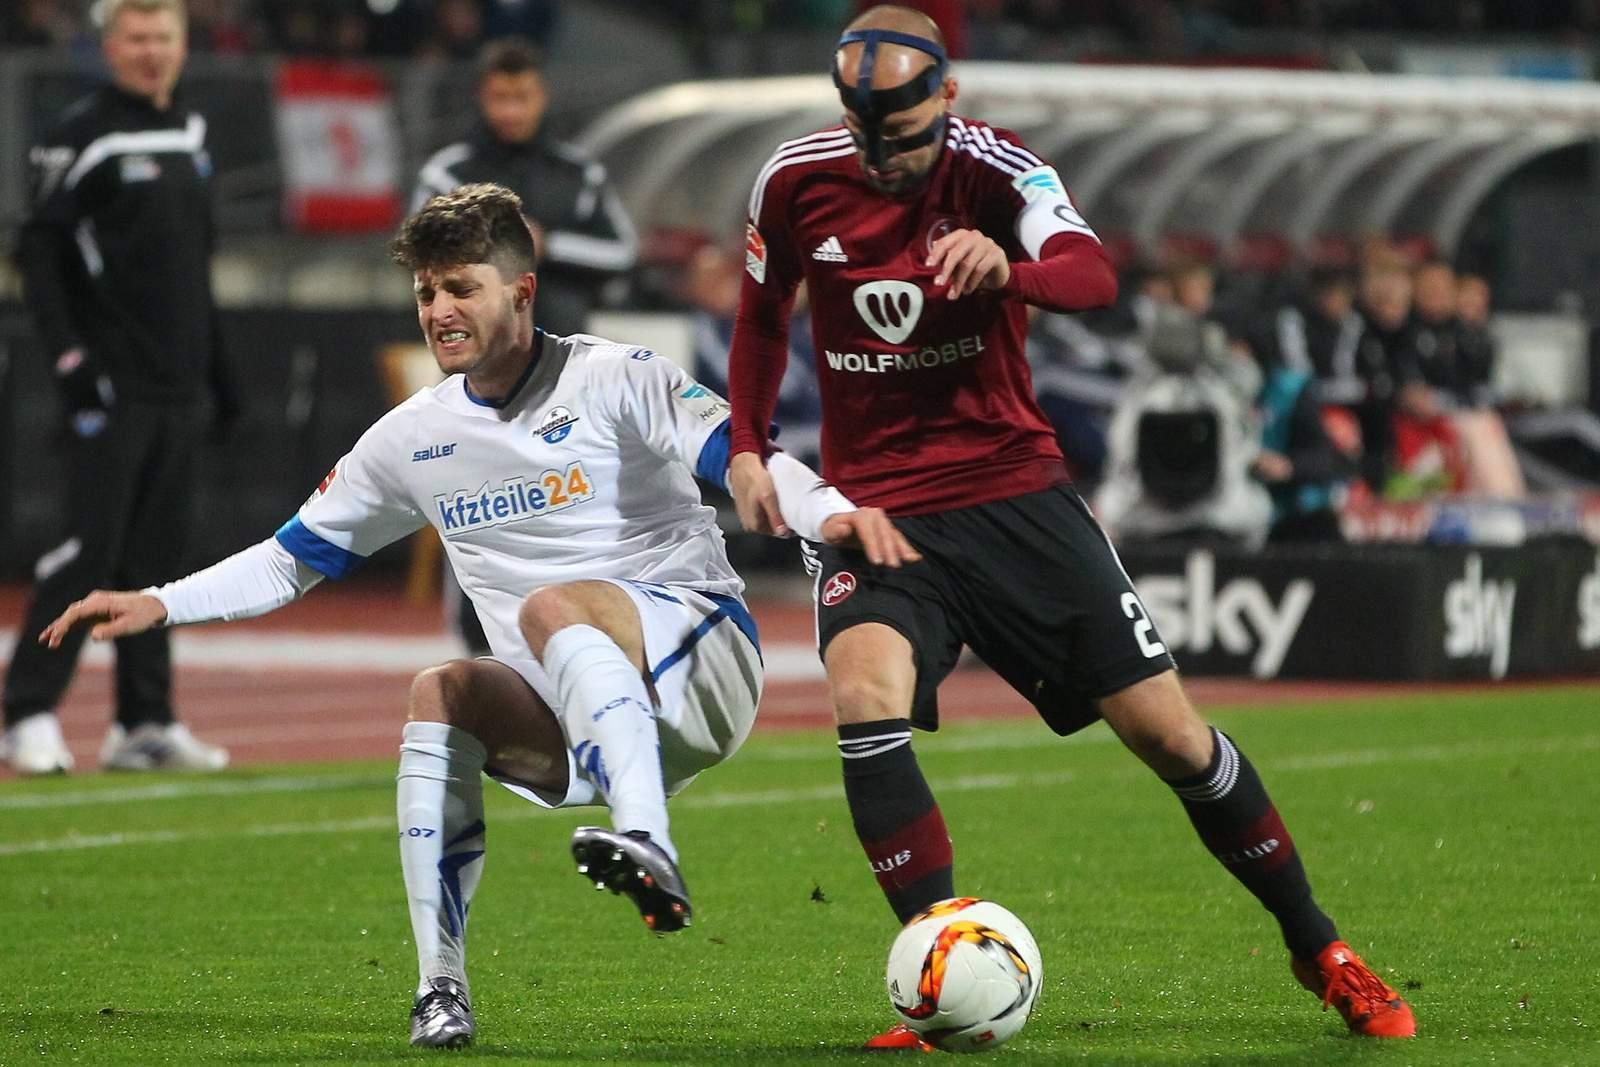 Setzt sich Brecko gegen Stoppelkamp durch? Unser Tipp: Paderborn gewinnt nicht gegen Nürnberg